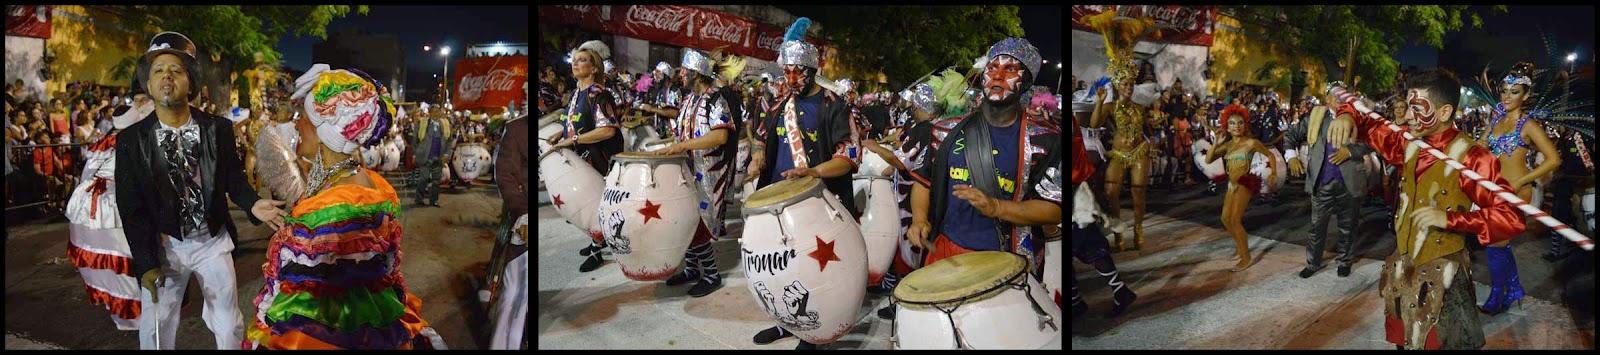 Carnaval. Desfile de Llamadas. Tronar de Tambores.